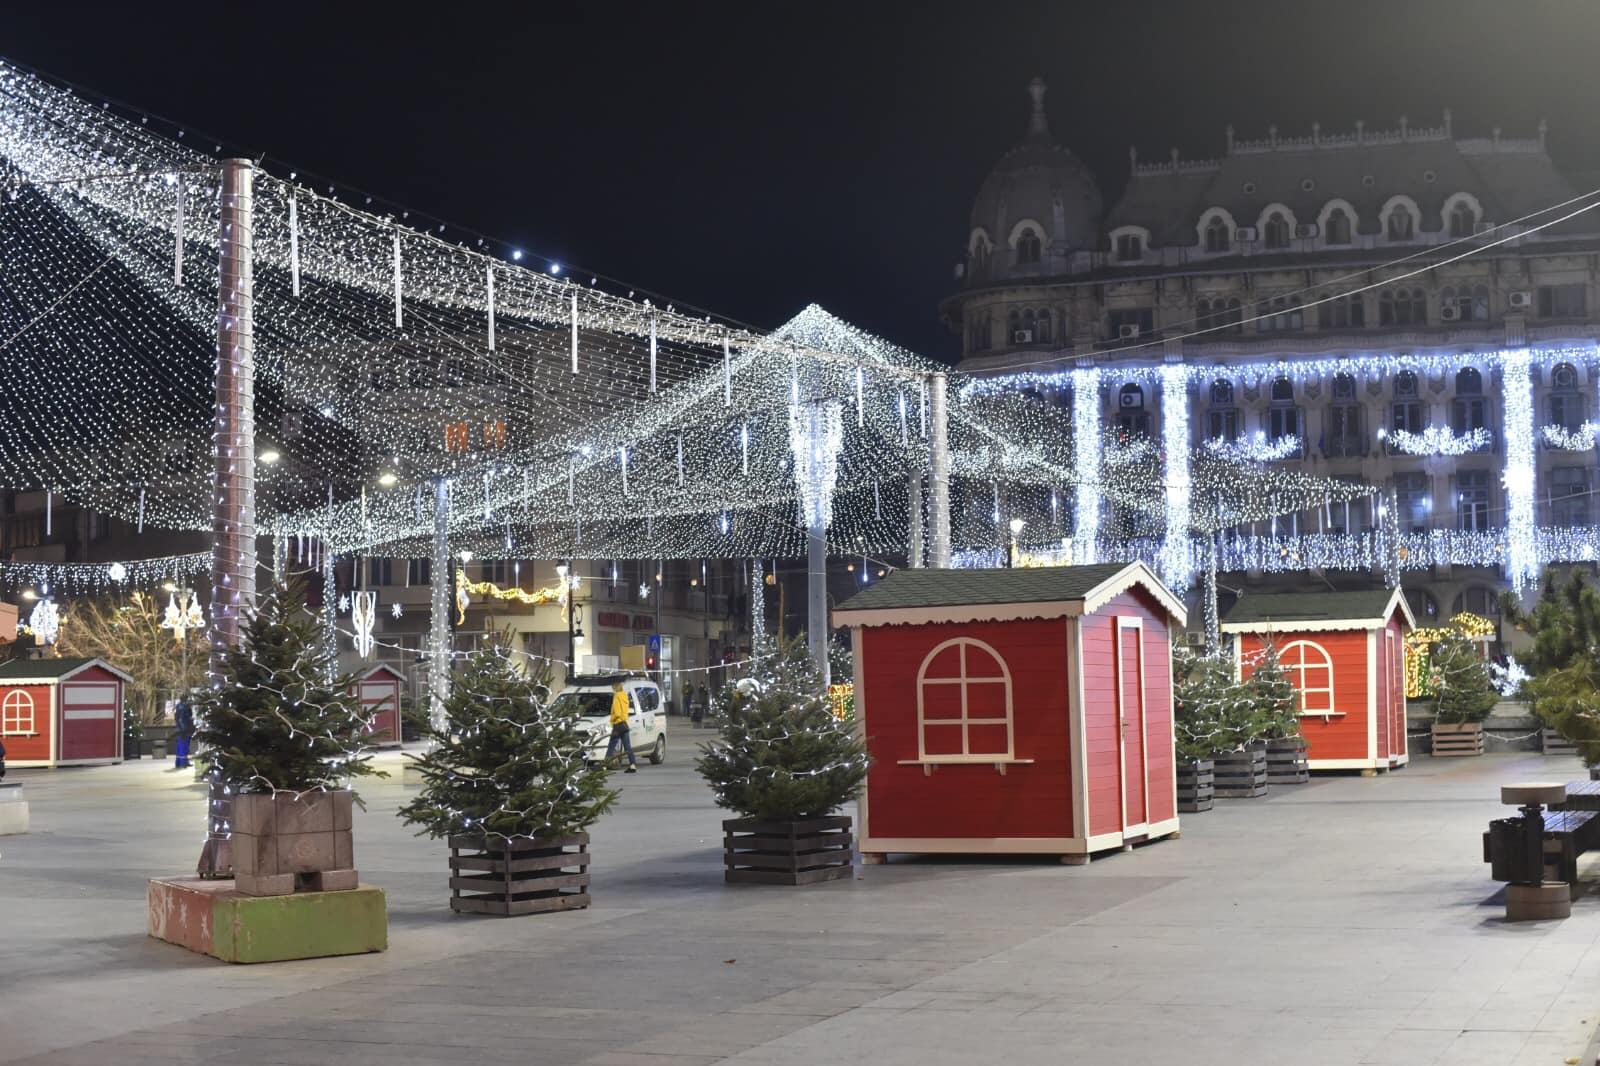 Târgul de Crăciun de la Craiova, închis la o oră după inaugurare. Reacția primarului Olguța Vasilescu